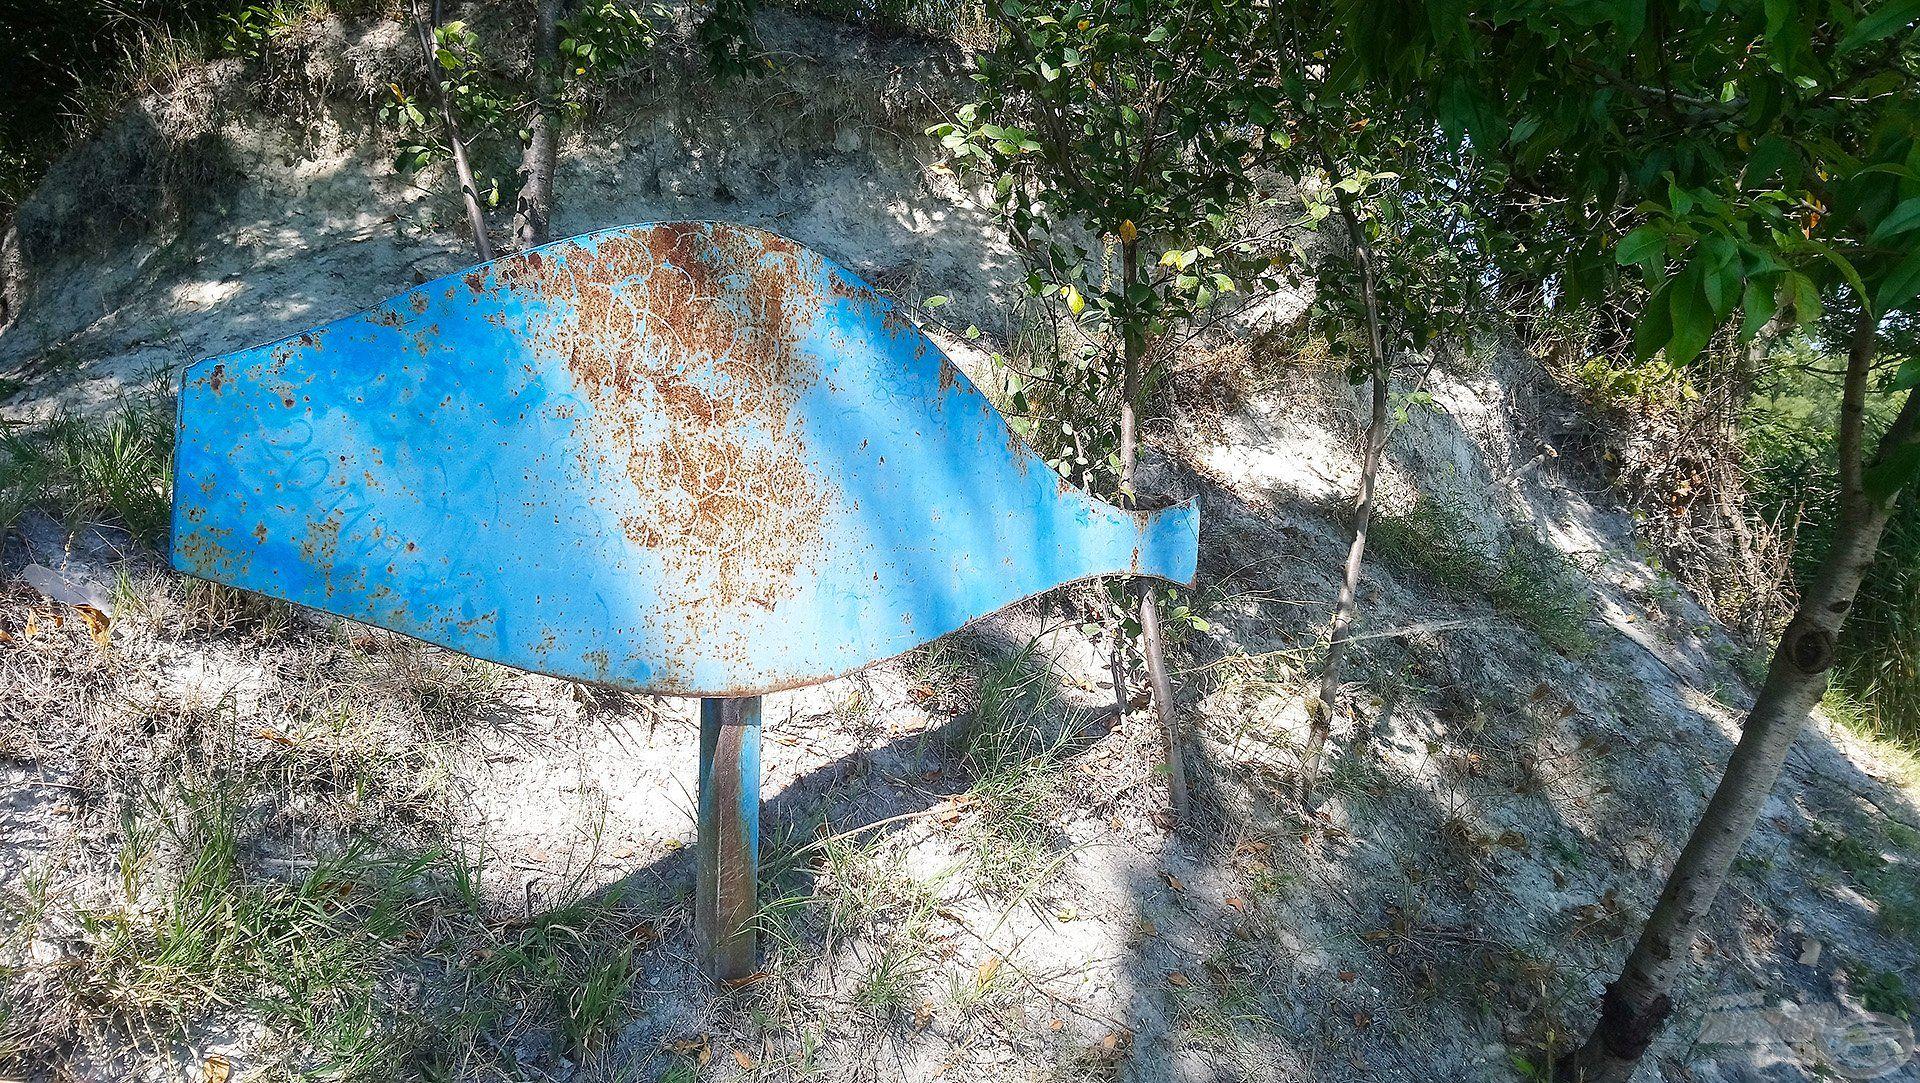 """Ez az állás a """"kékhal"""" nevet viseli, aminek oka nagyon egyszerű, hiszen egy régi, kékre festett, hal formájú emléktábla található itt a parton"""